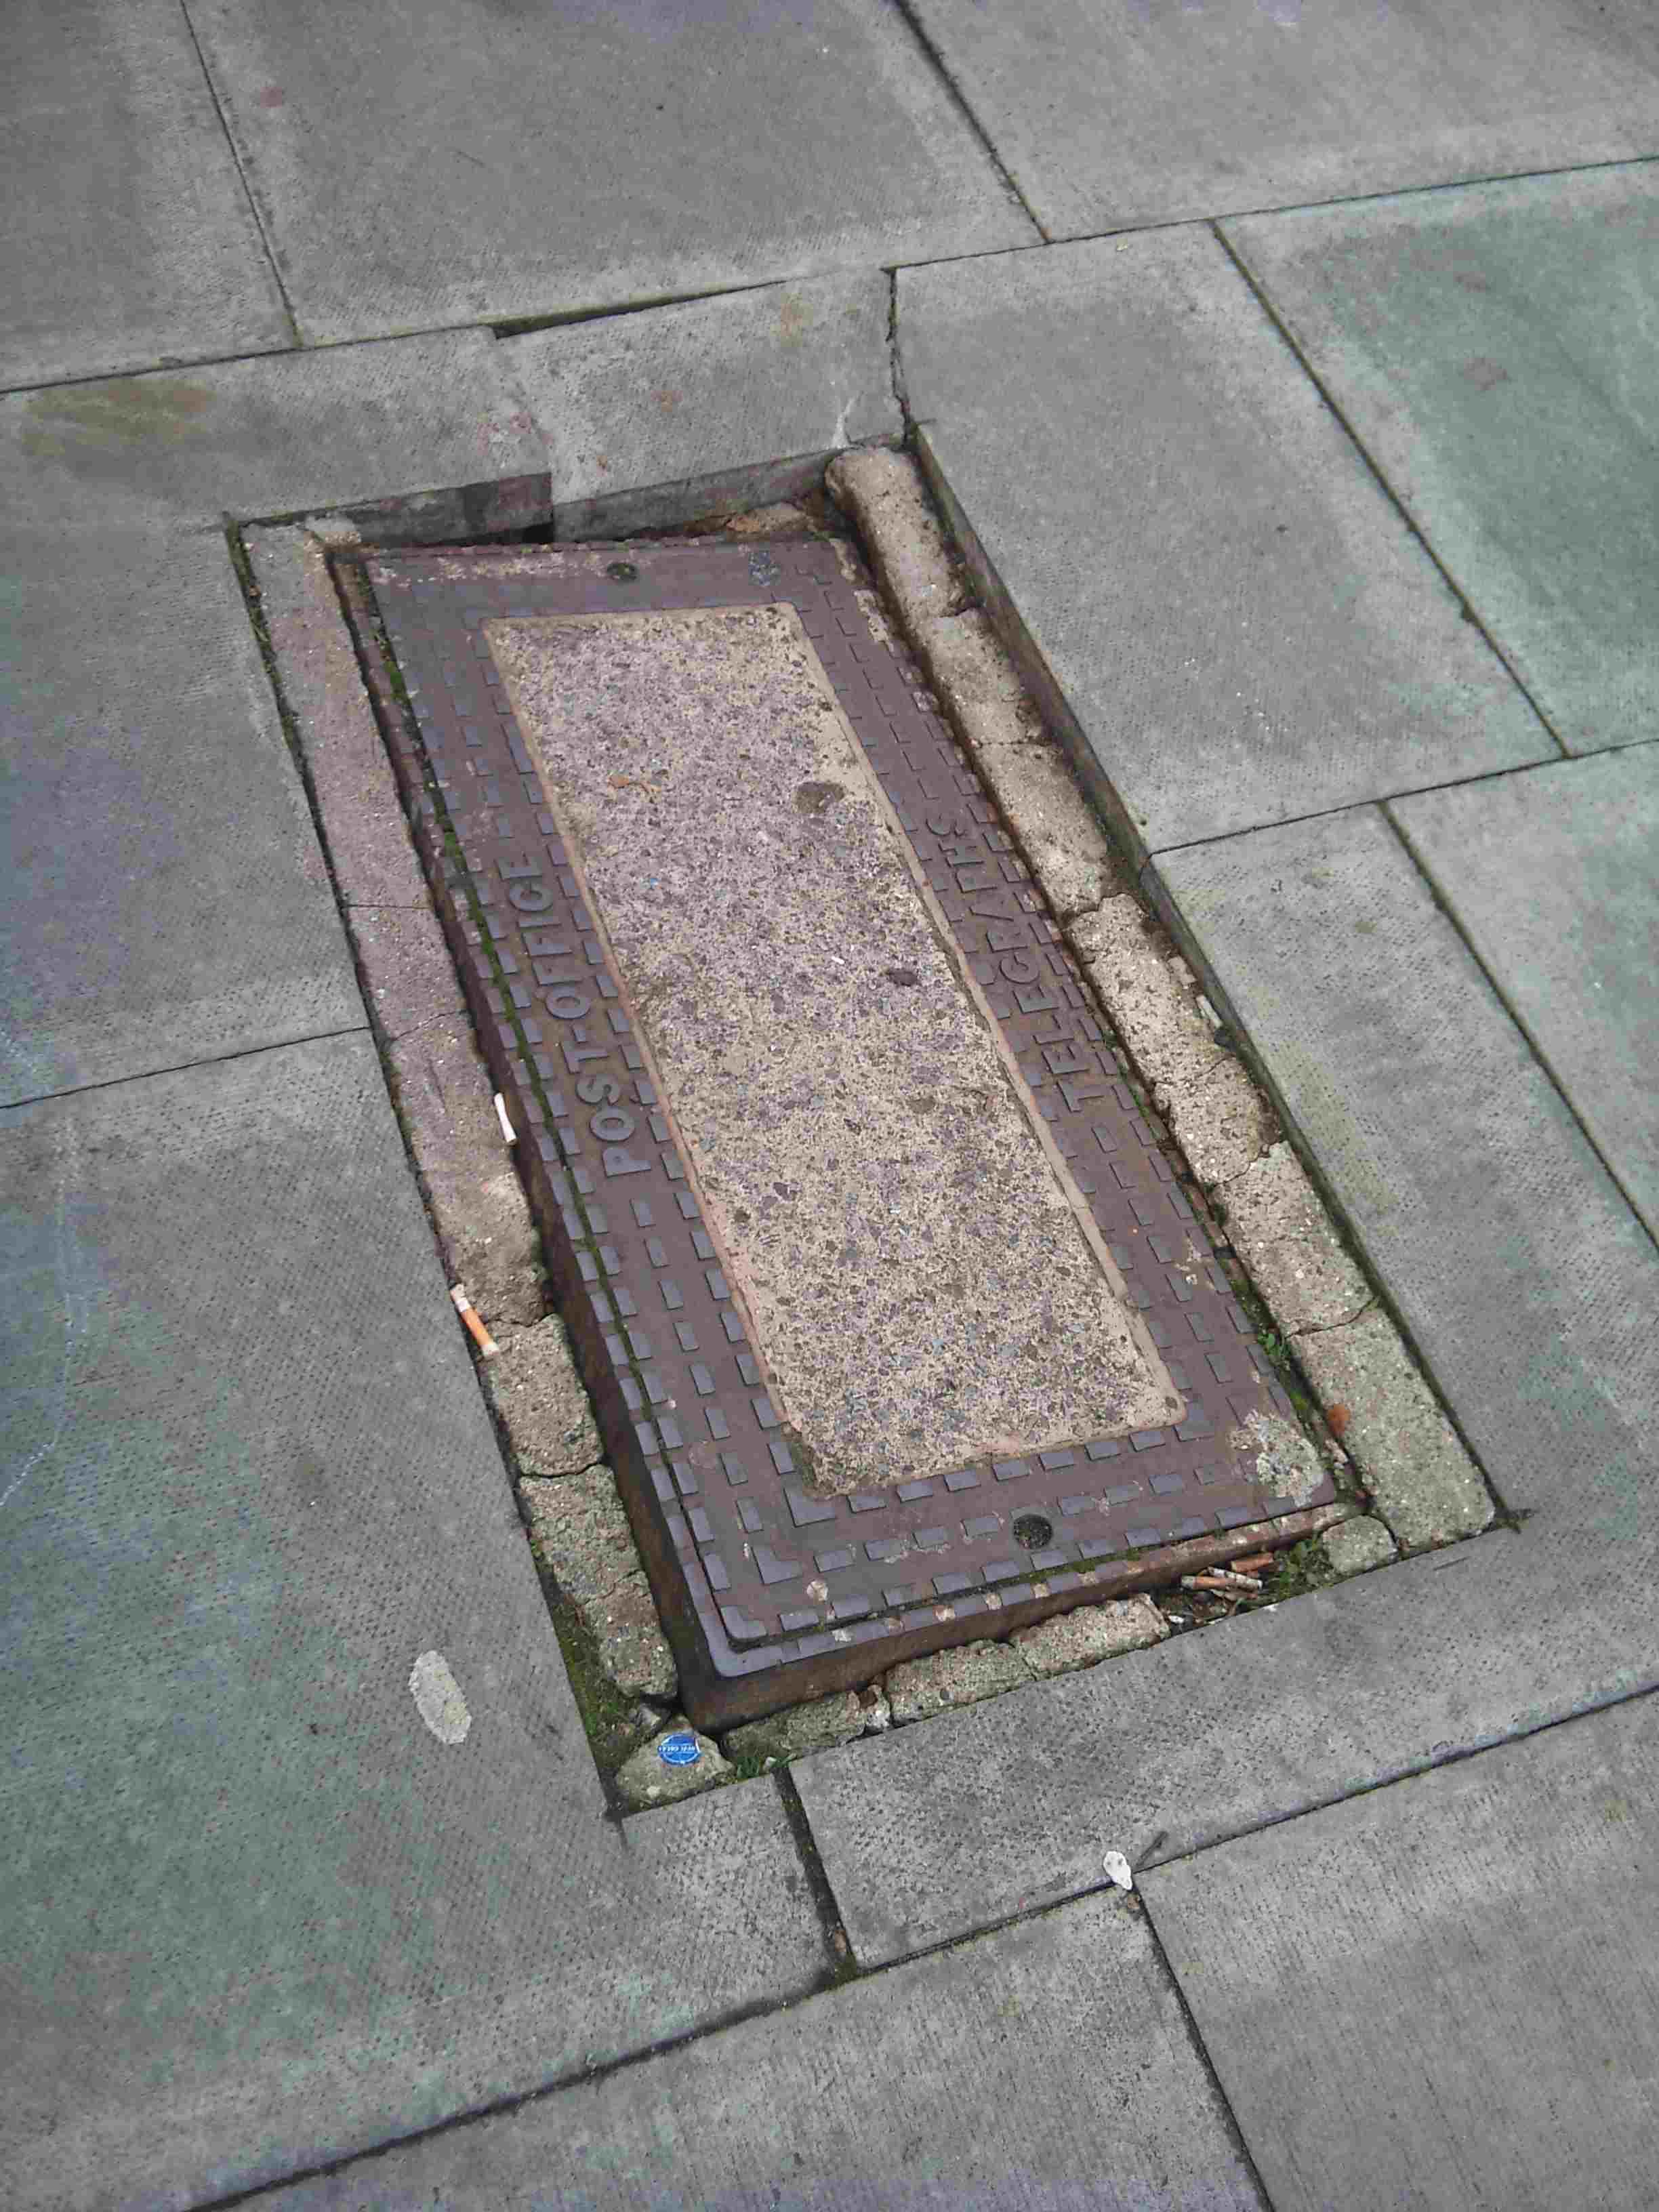 Manhole Cover St Ann's Road N15 30.10.2011.jpg